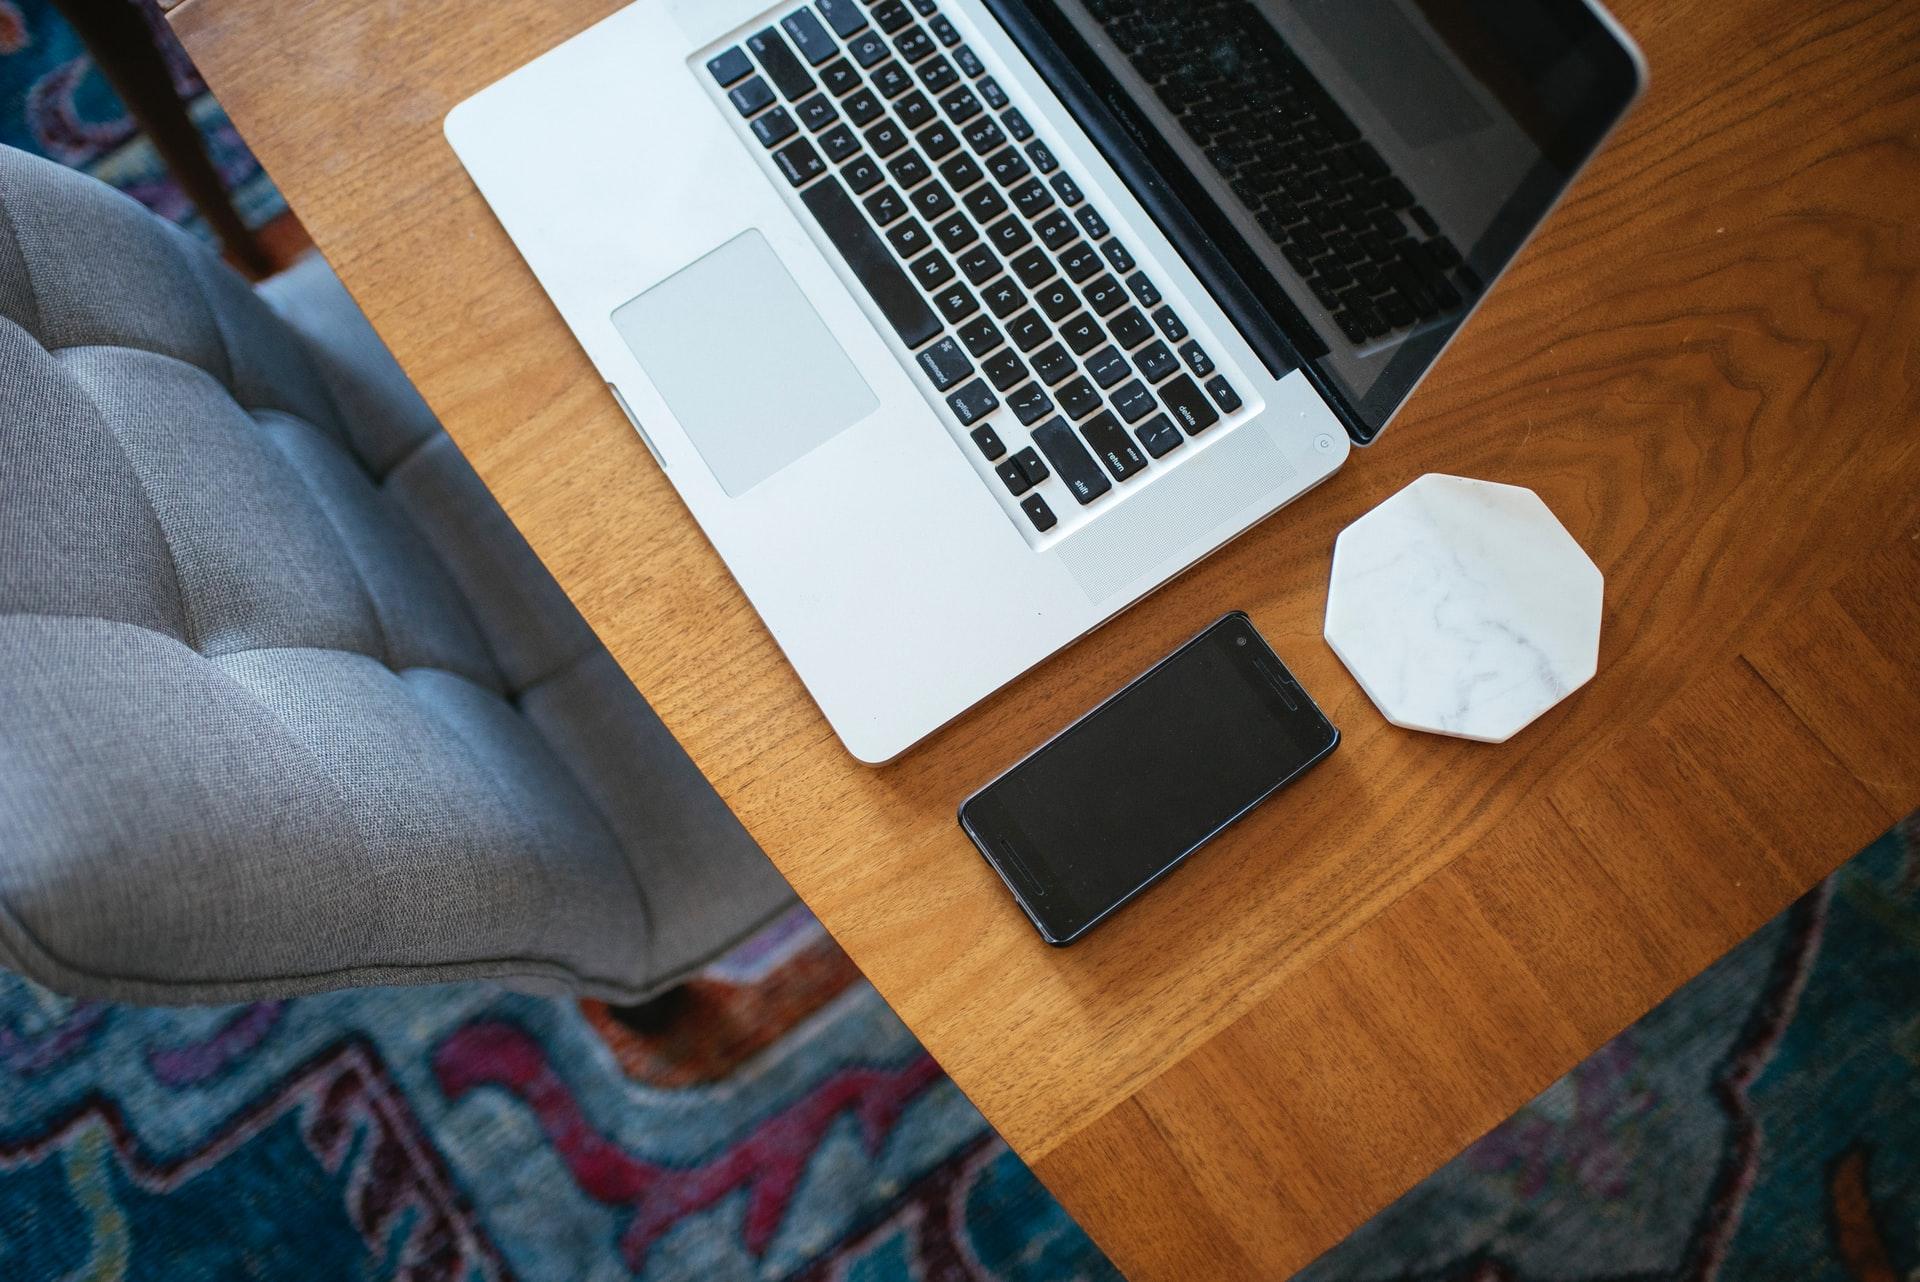 WiFiルーターの種類と選び方|おすすめWiFiルーター8選